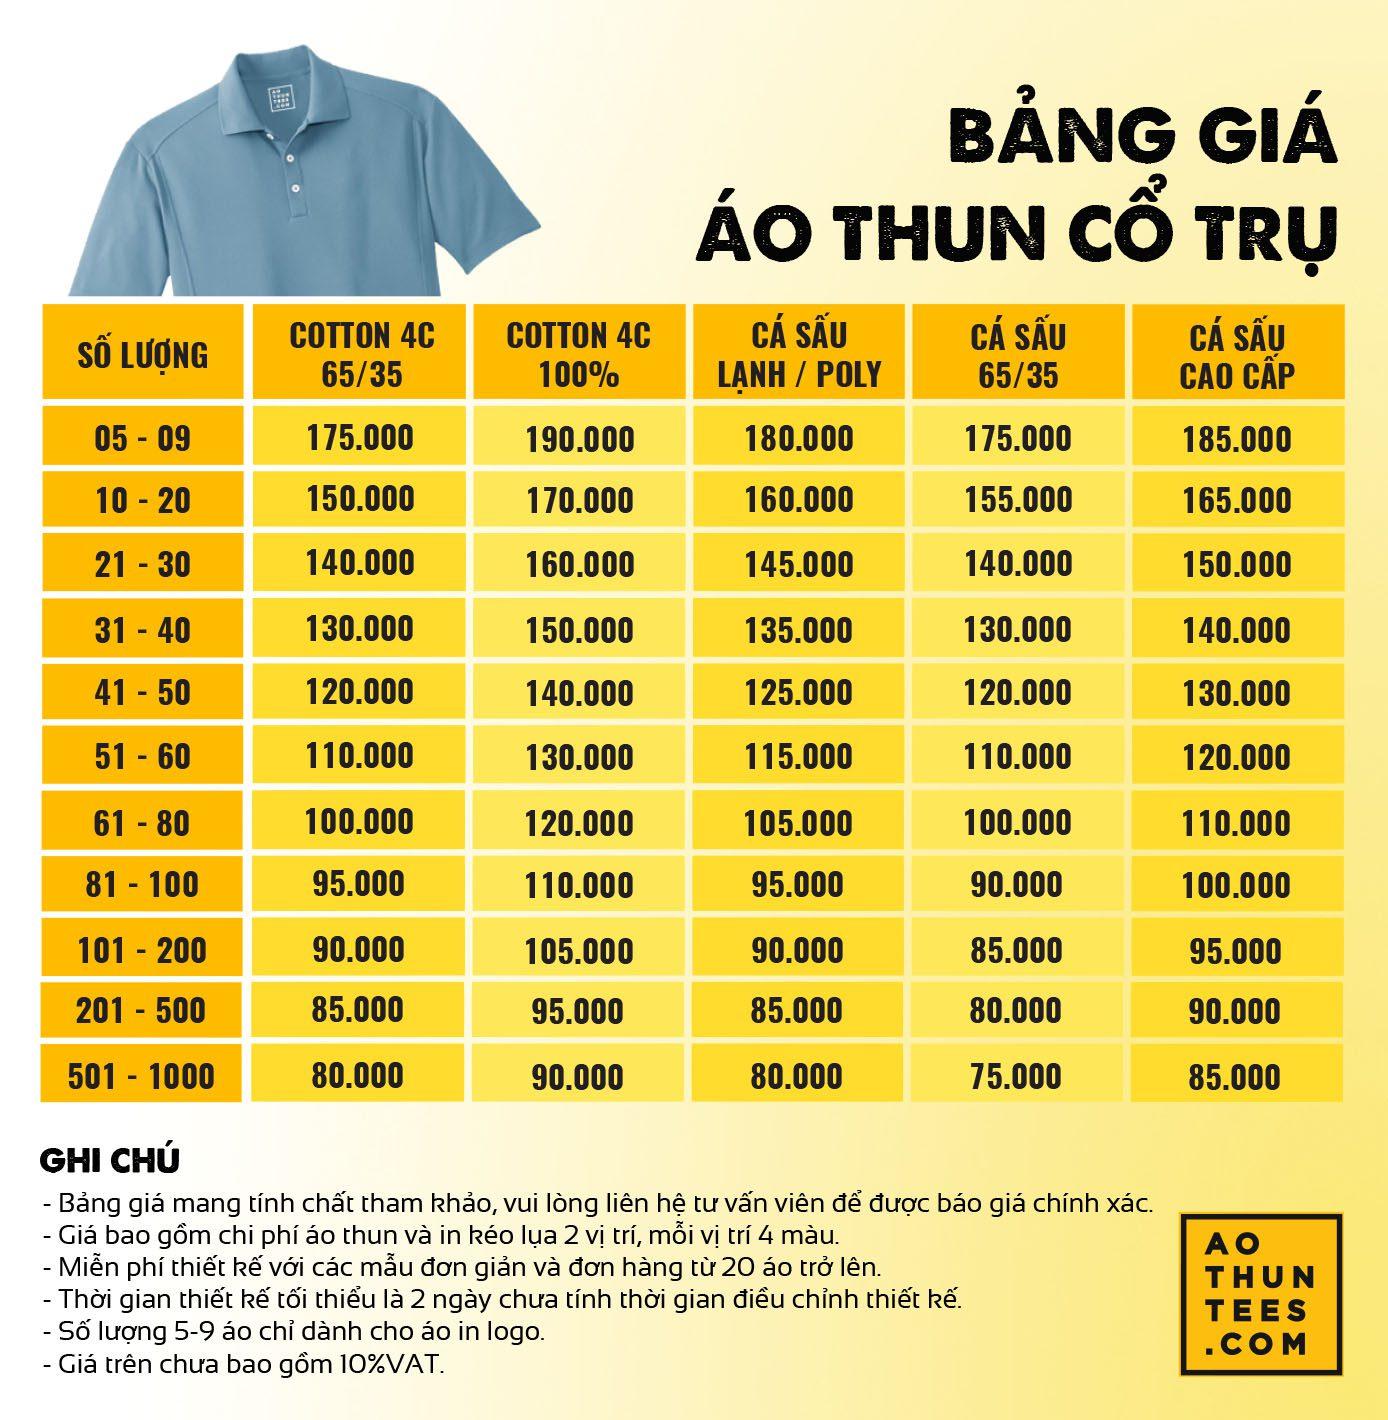 banggiaaothuncotru - Xưởng may áo thun bạn hữu đường xa bền và đẹp